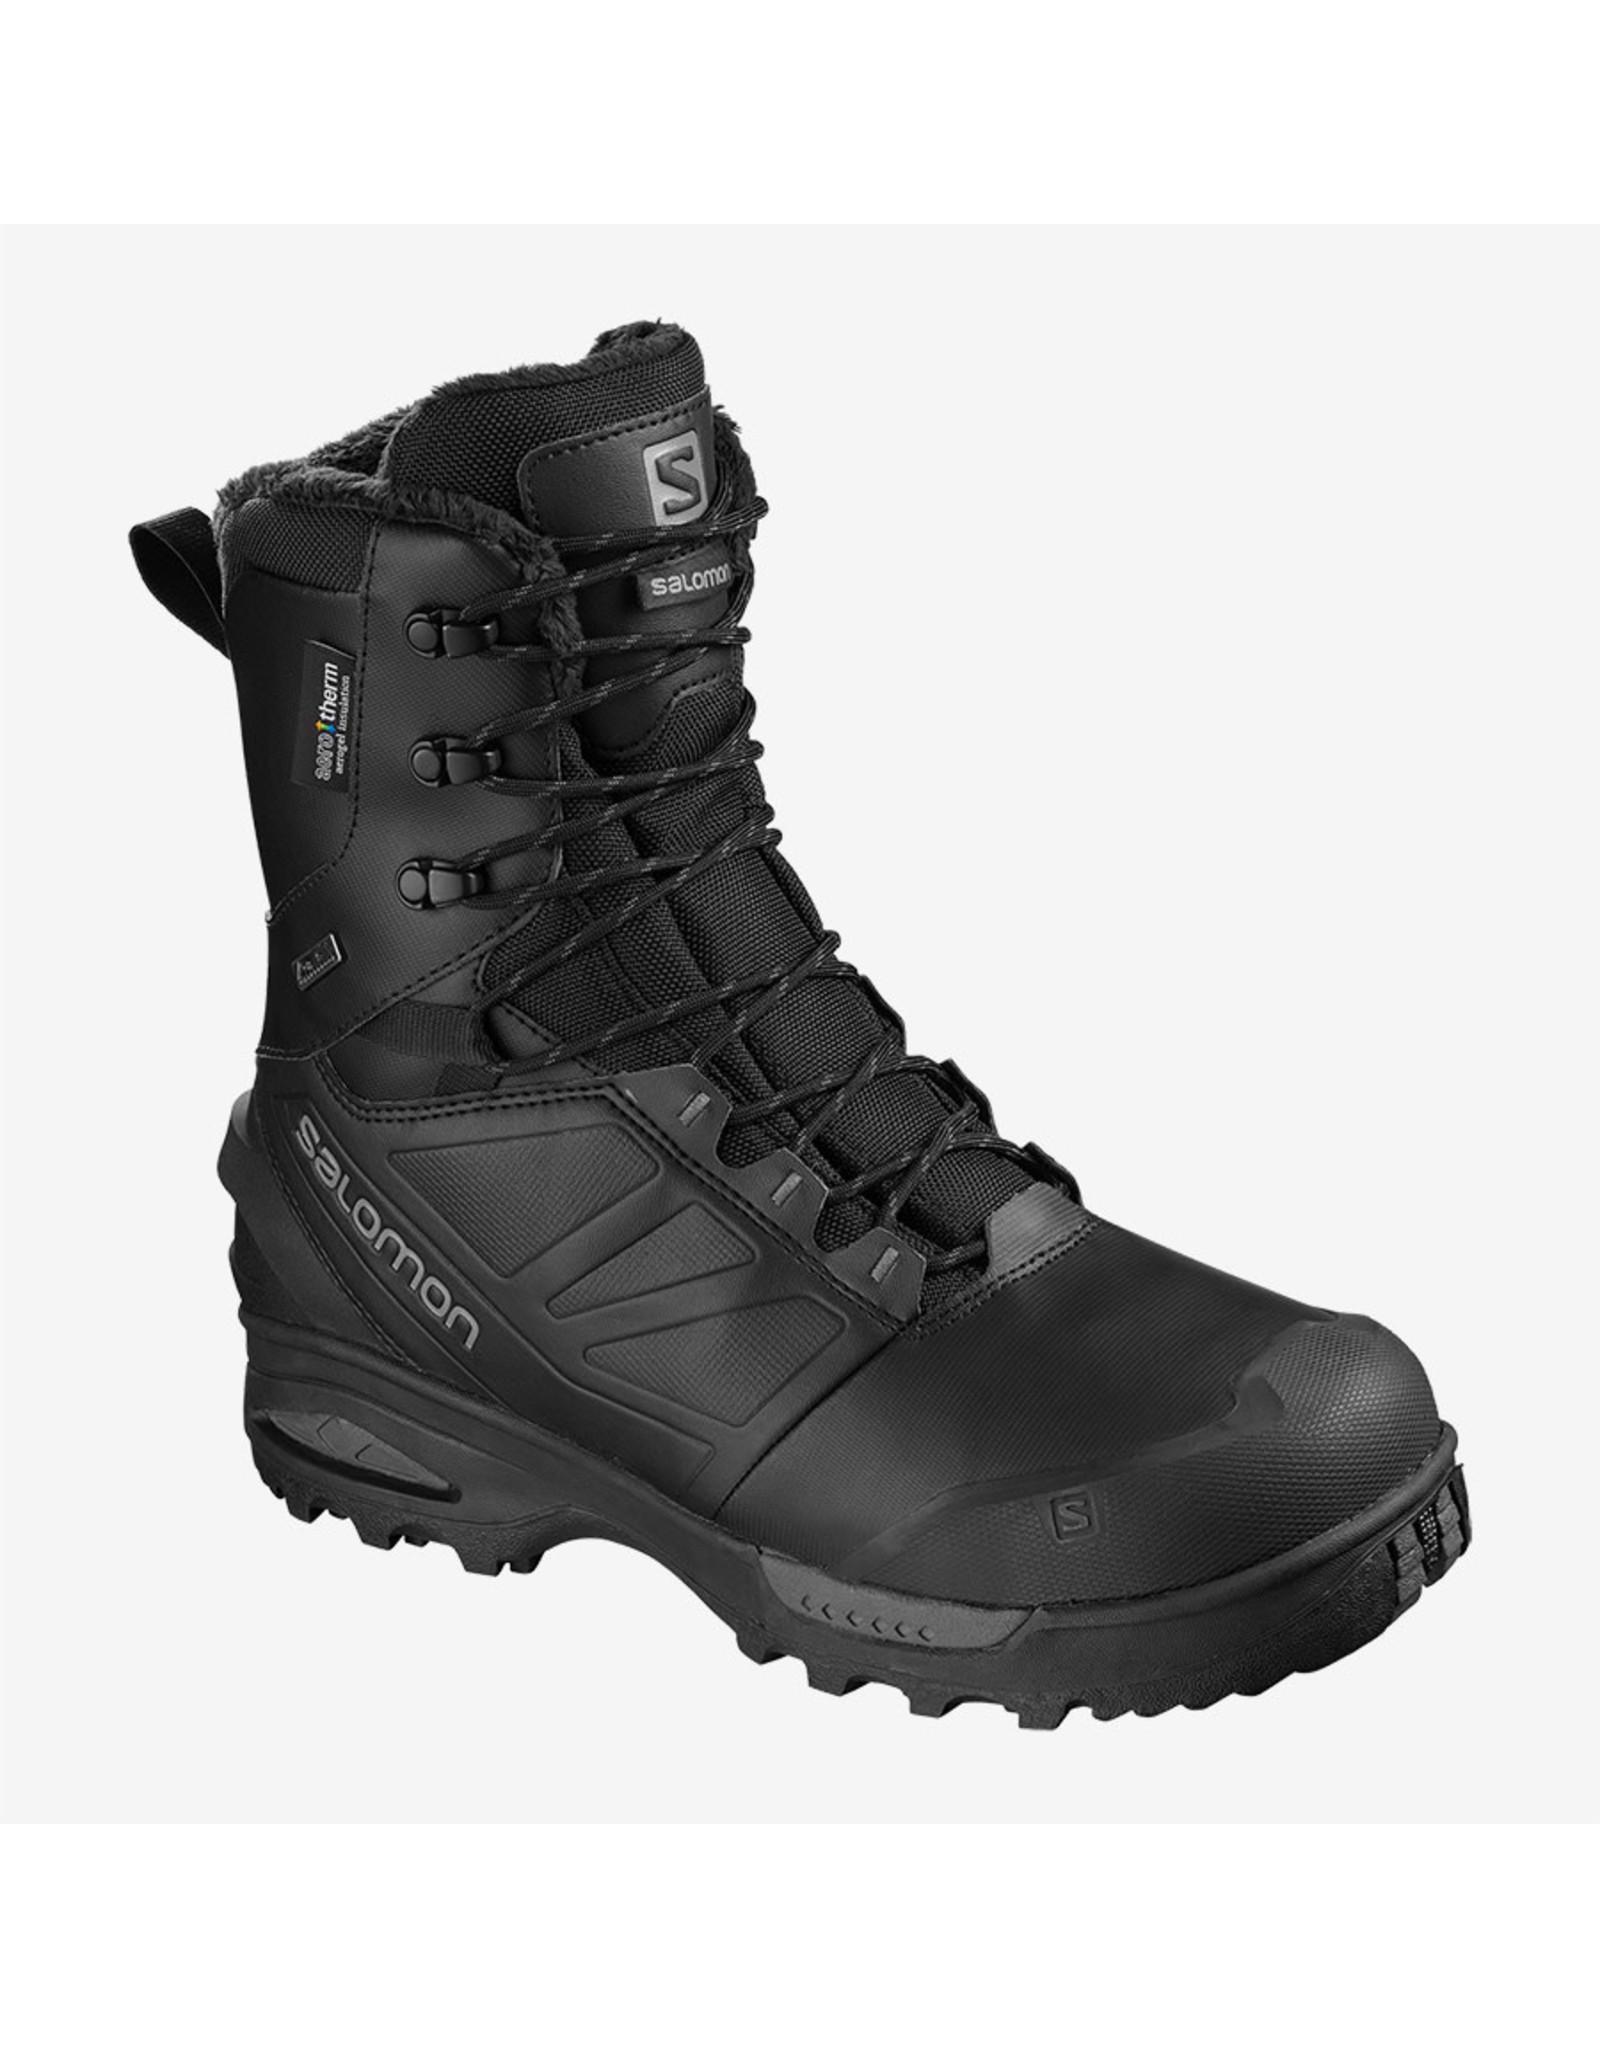 Toundra Pro, Men's Winter Boots - Black